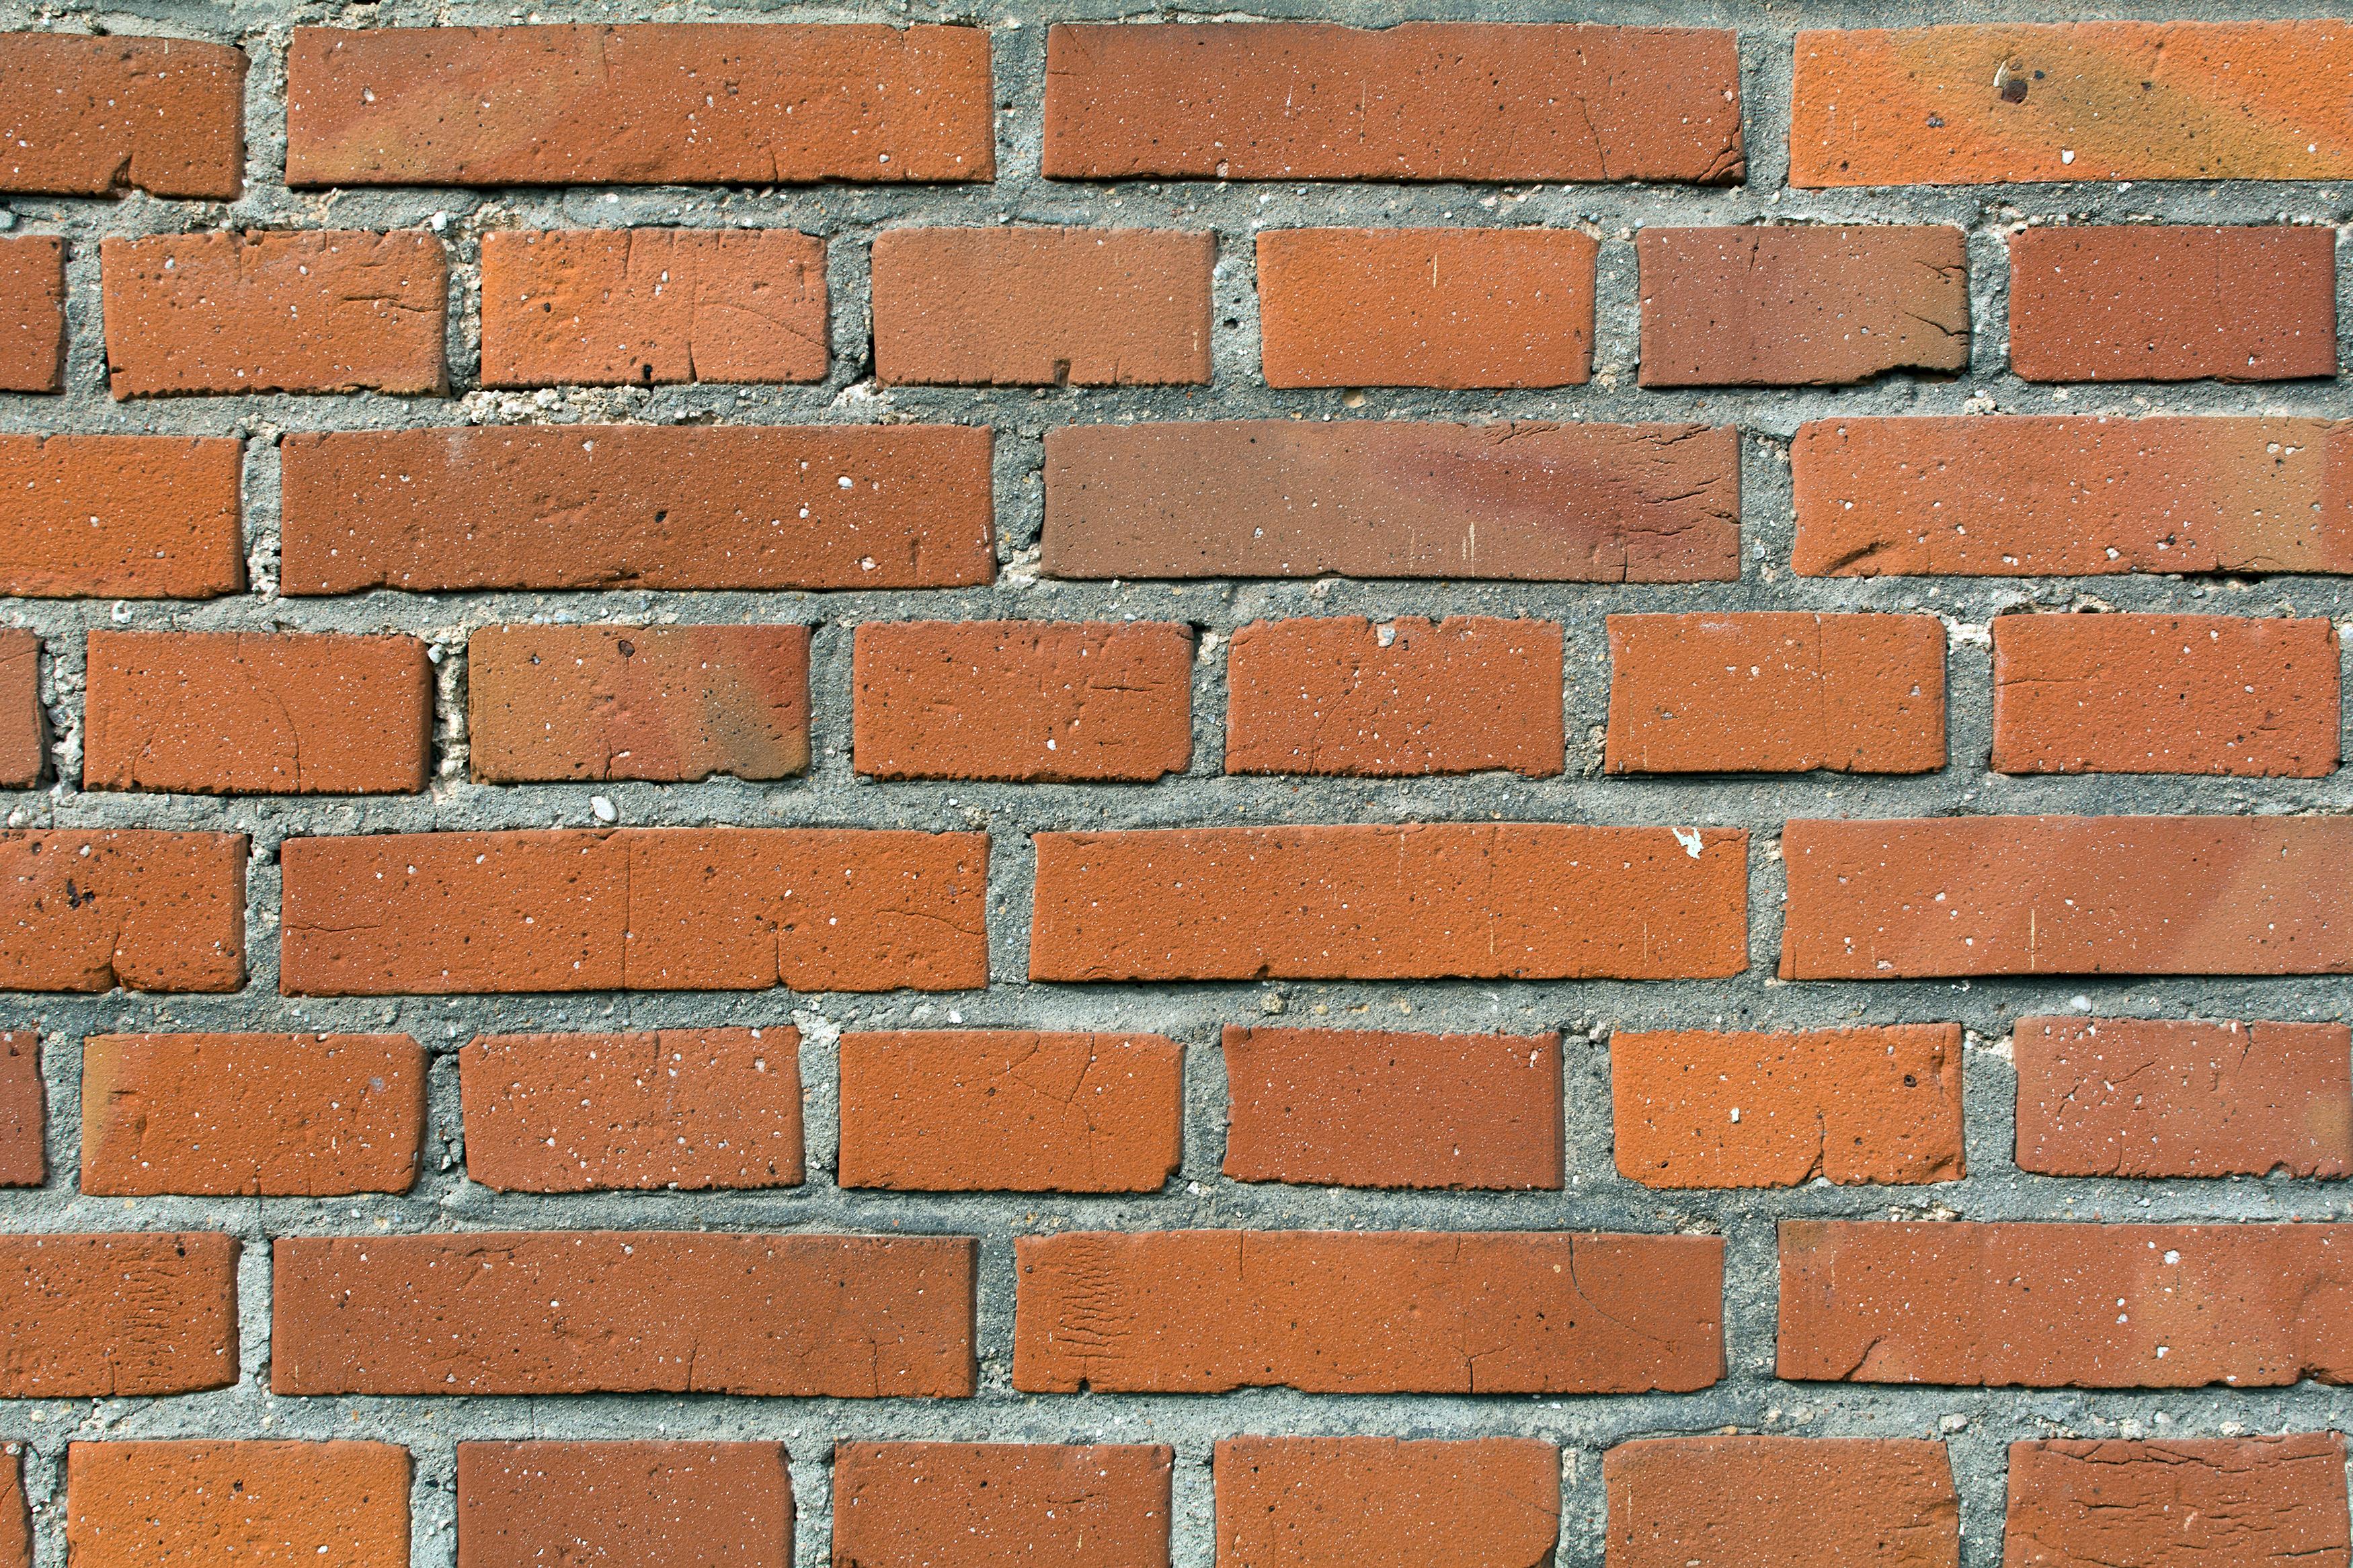 Free Image: Brick Wall Texture | Libreshot Public Domain Photos